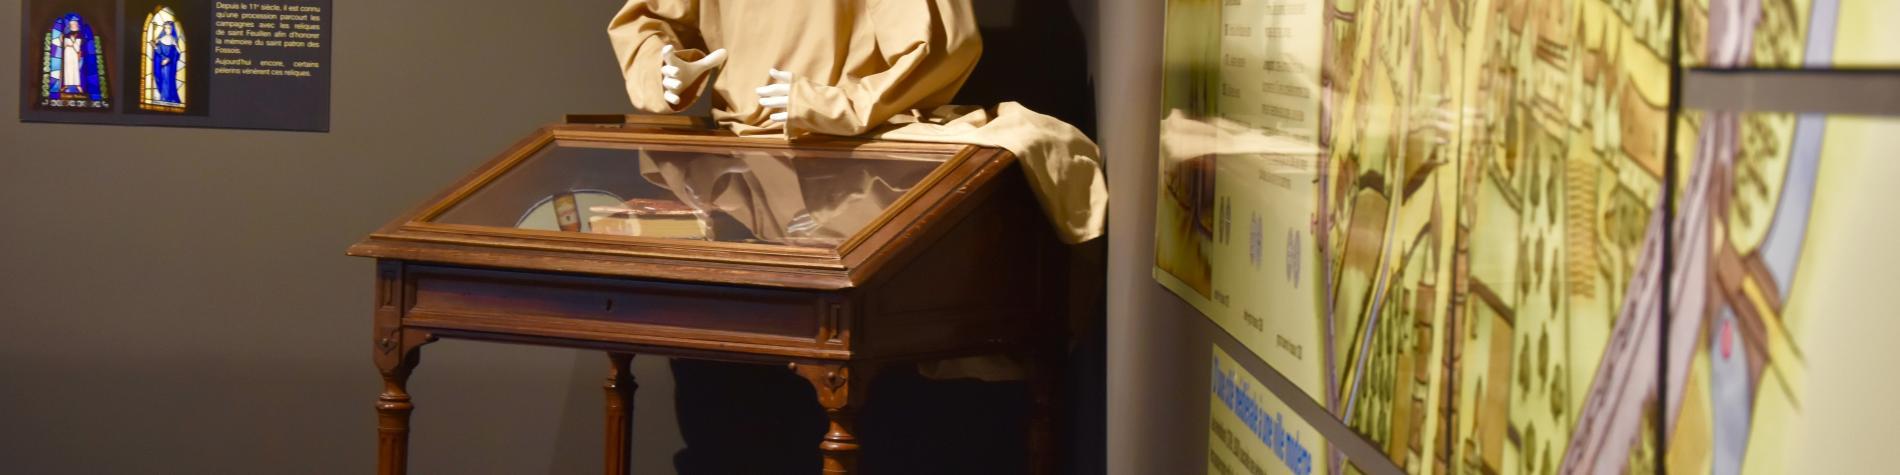 ReGare | Fosses-la-Ville | Vue de l'intérieur du musée